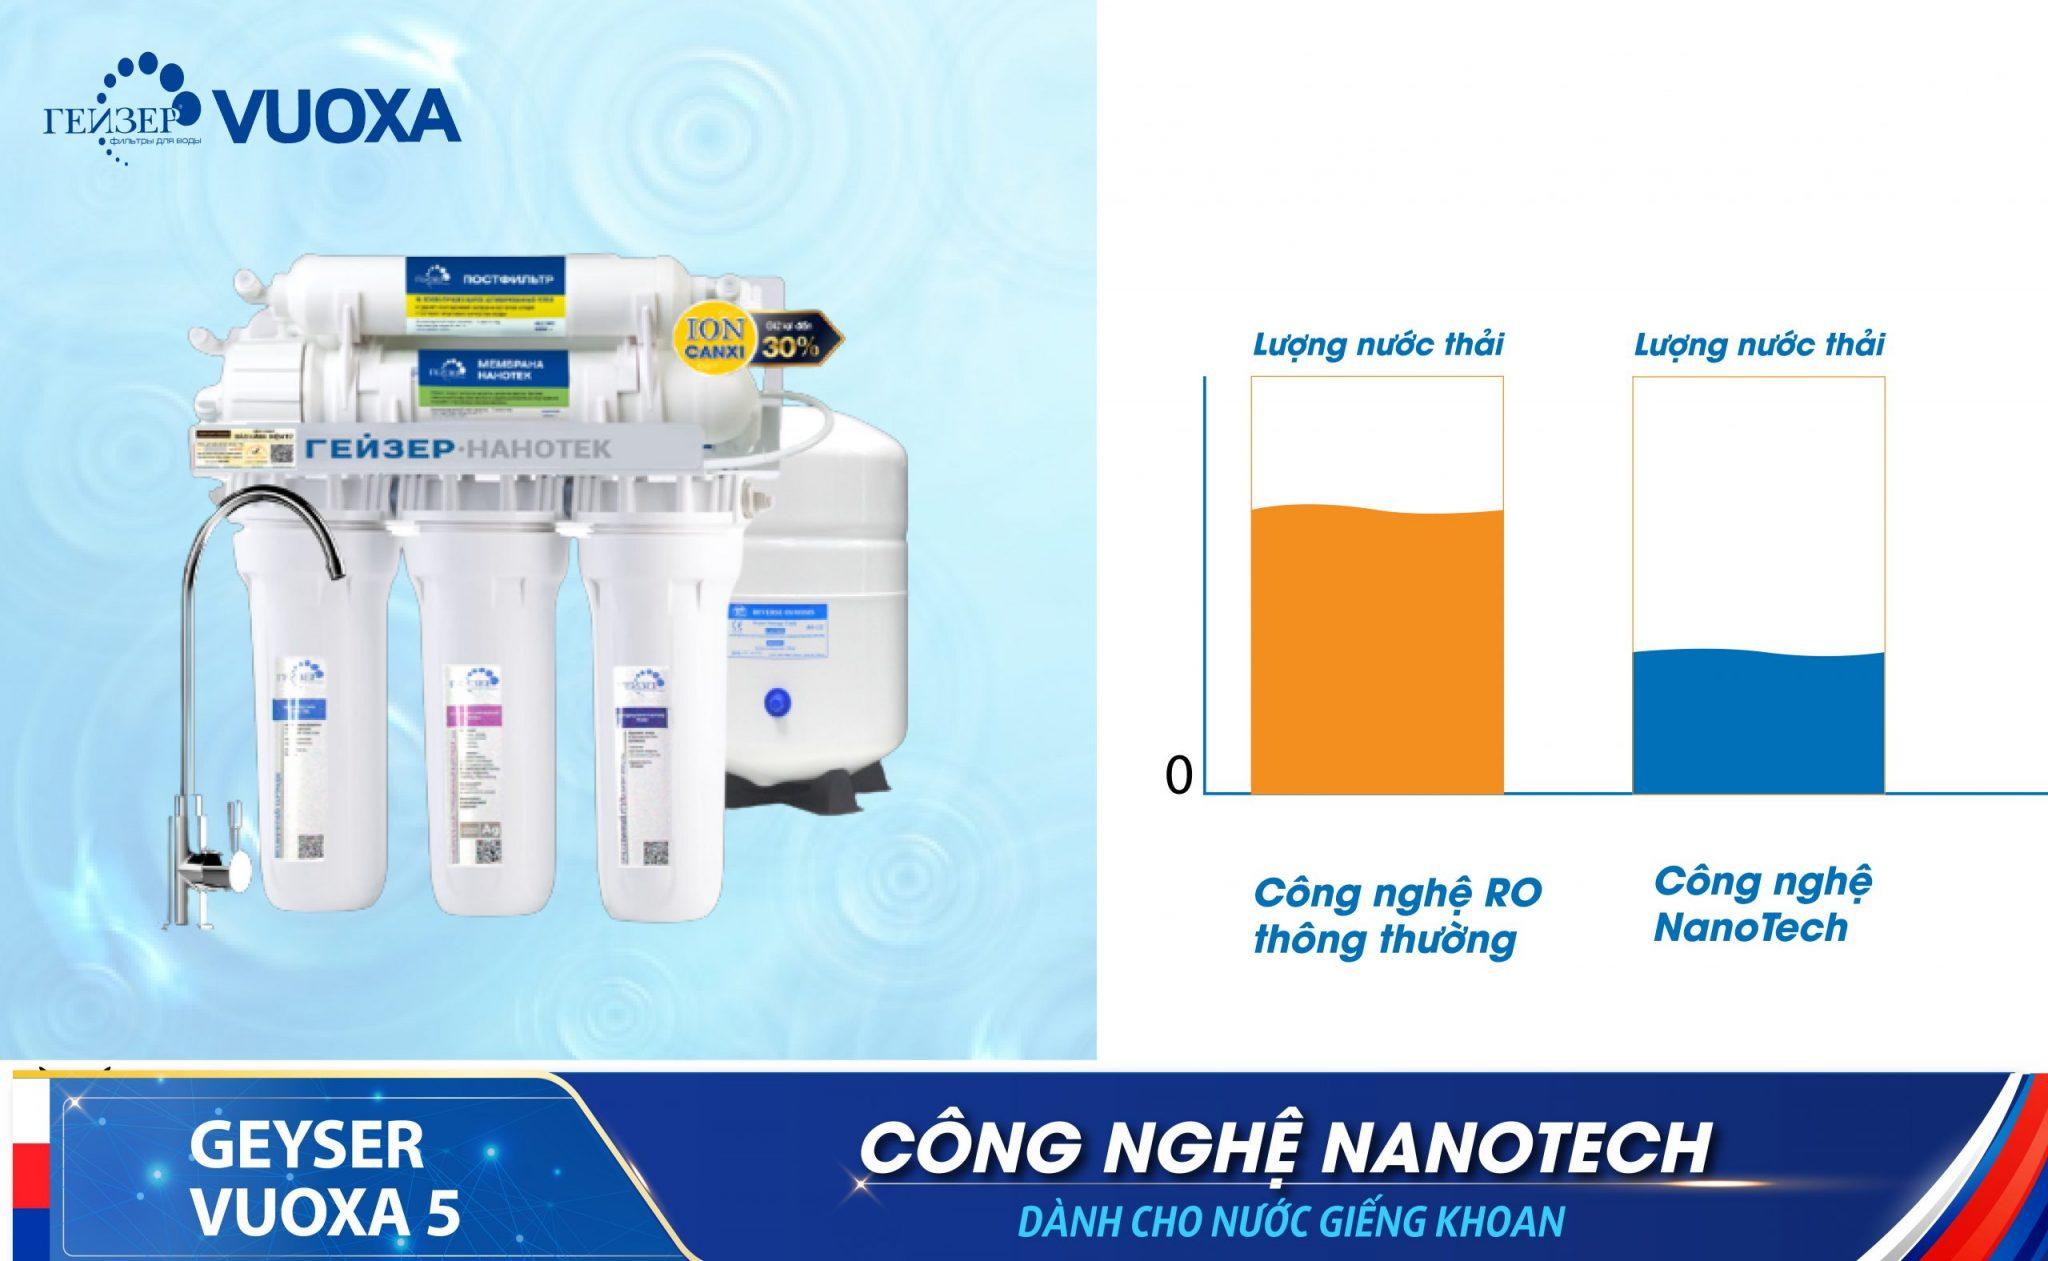 so sánh giữa 2 dòng máy lọc nước Geyser Vuoxa 5 và máy nước RO về lượng nước thải